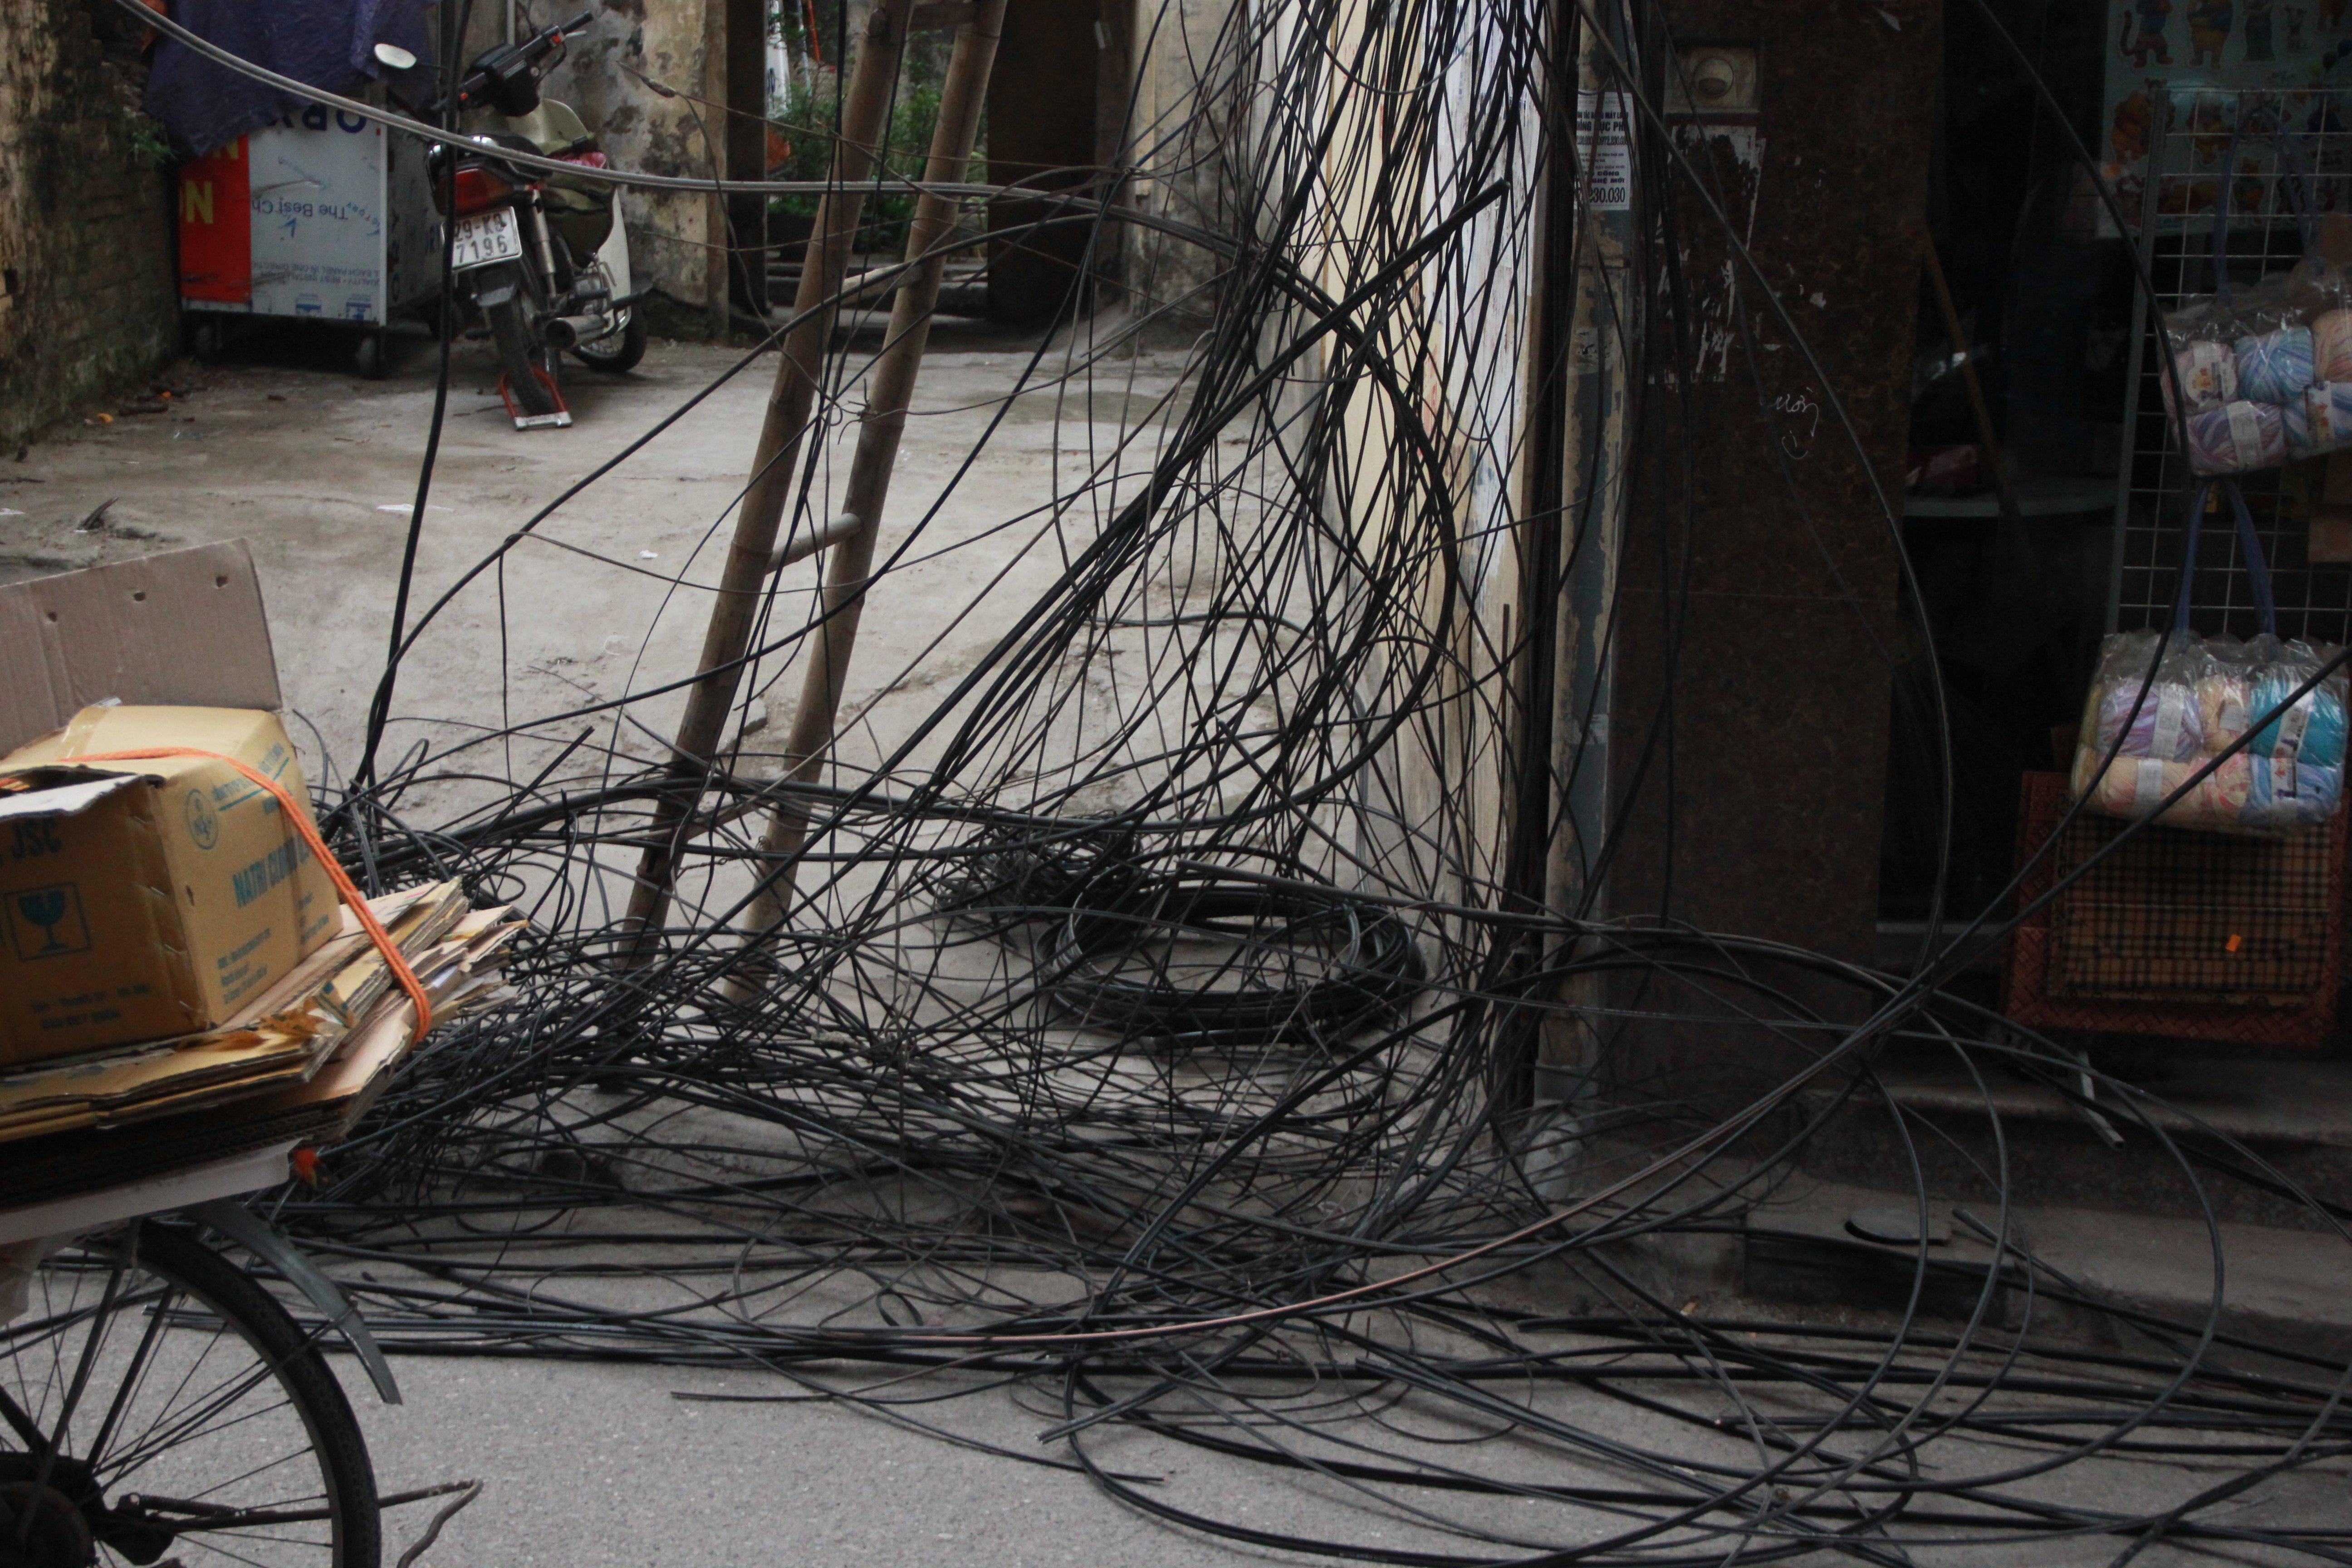 Hình ảnh Cận cảnh dọn ổ mạng nhện khổng lồ ở Hà Nội số 12